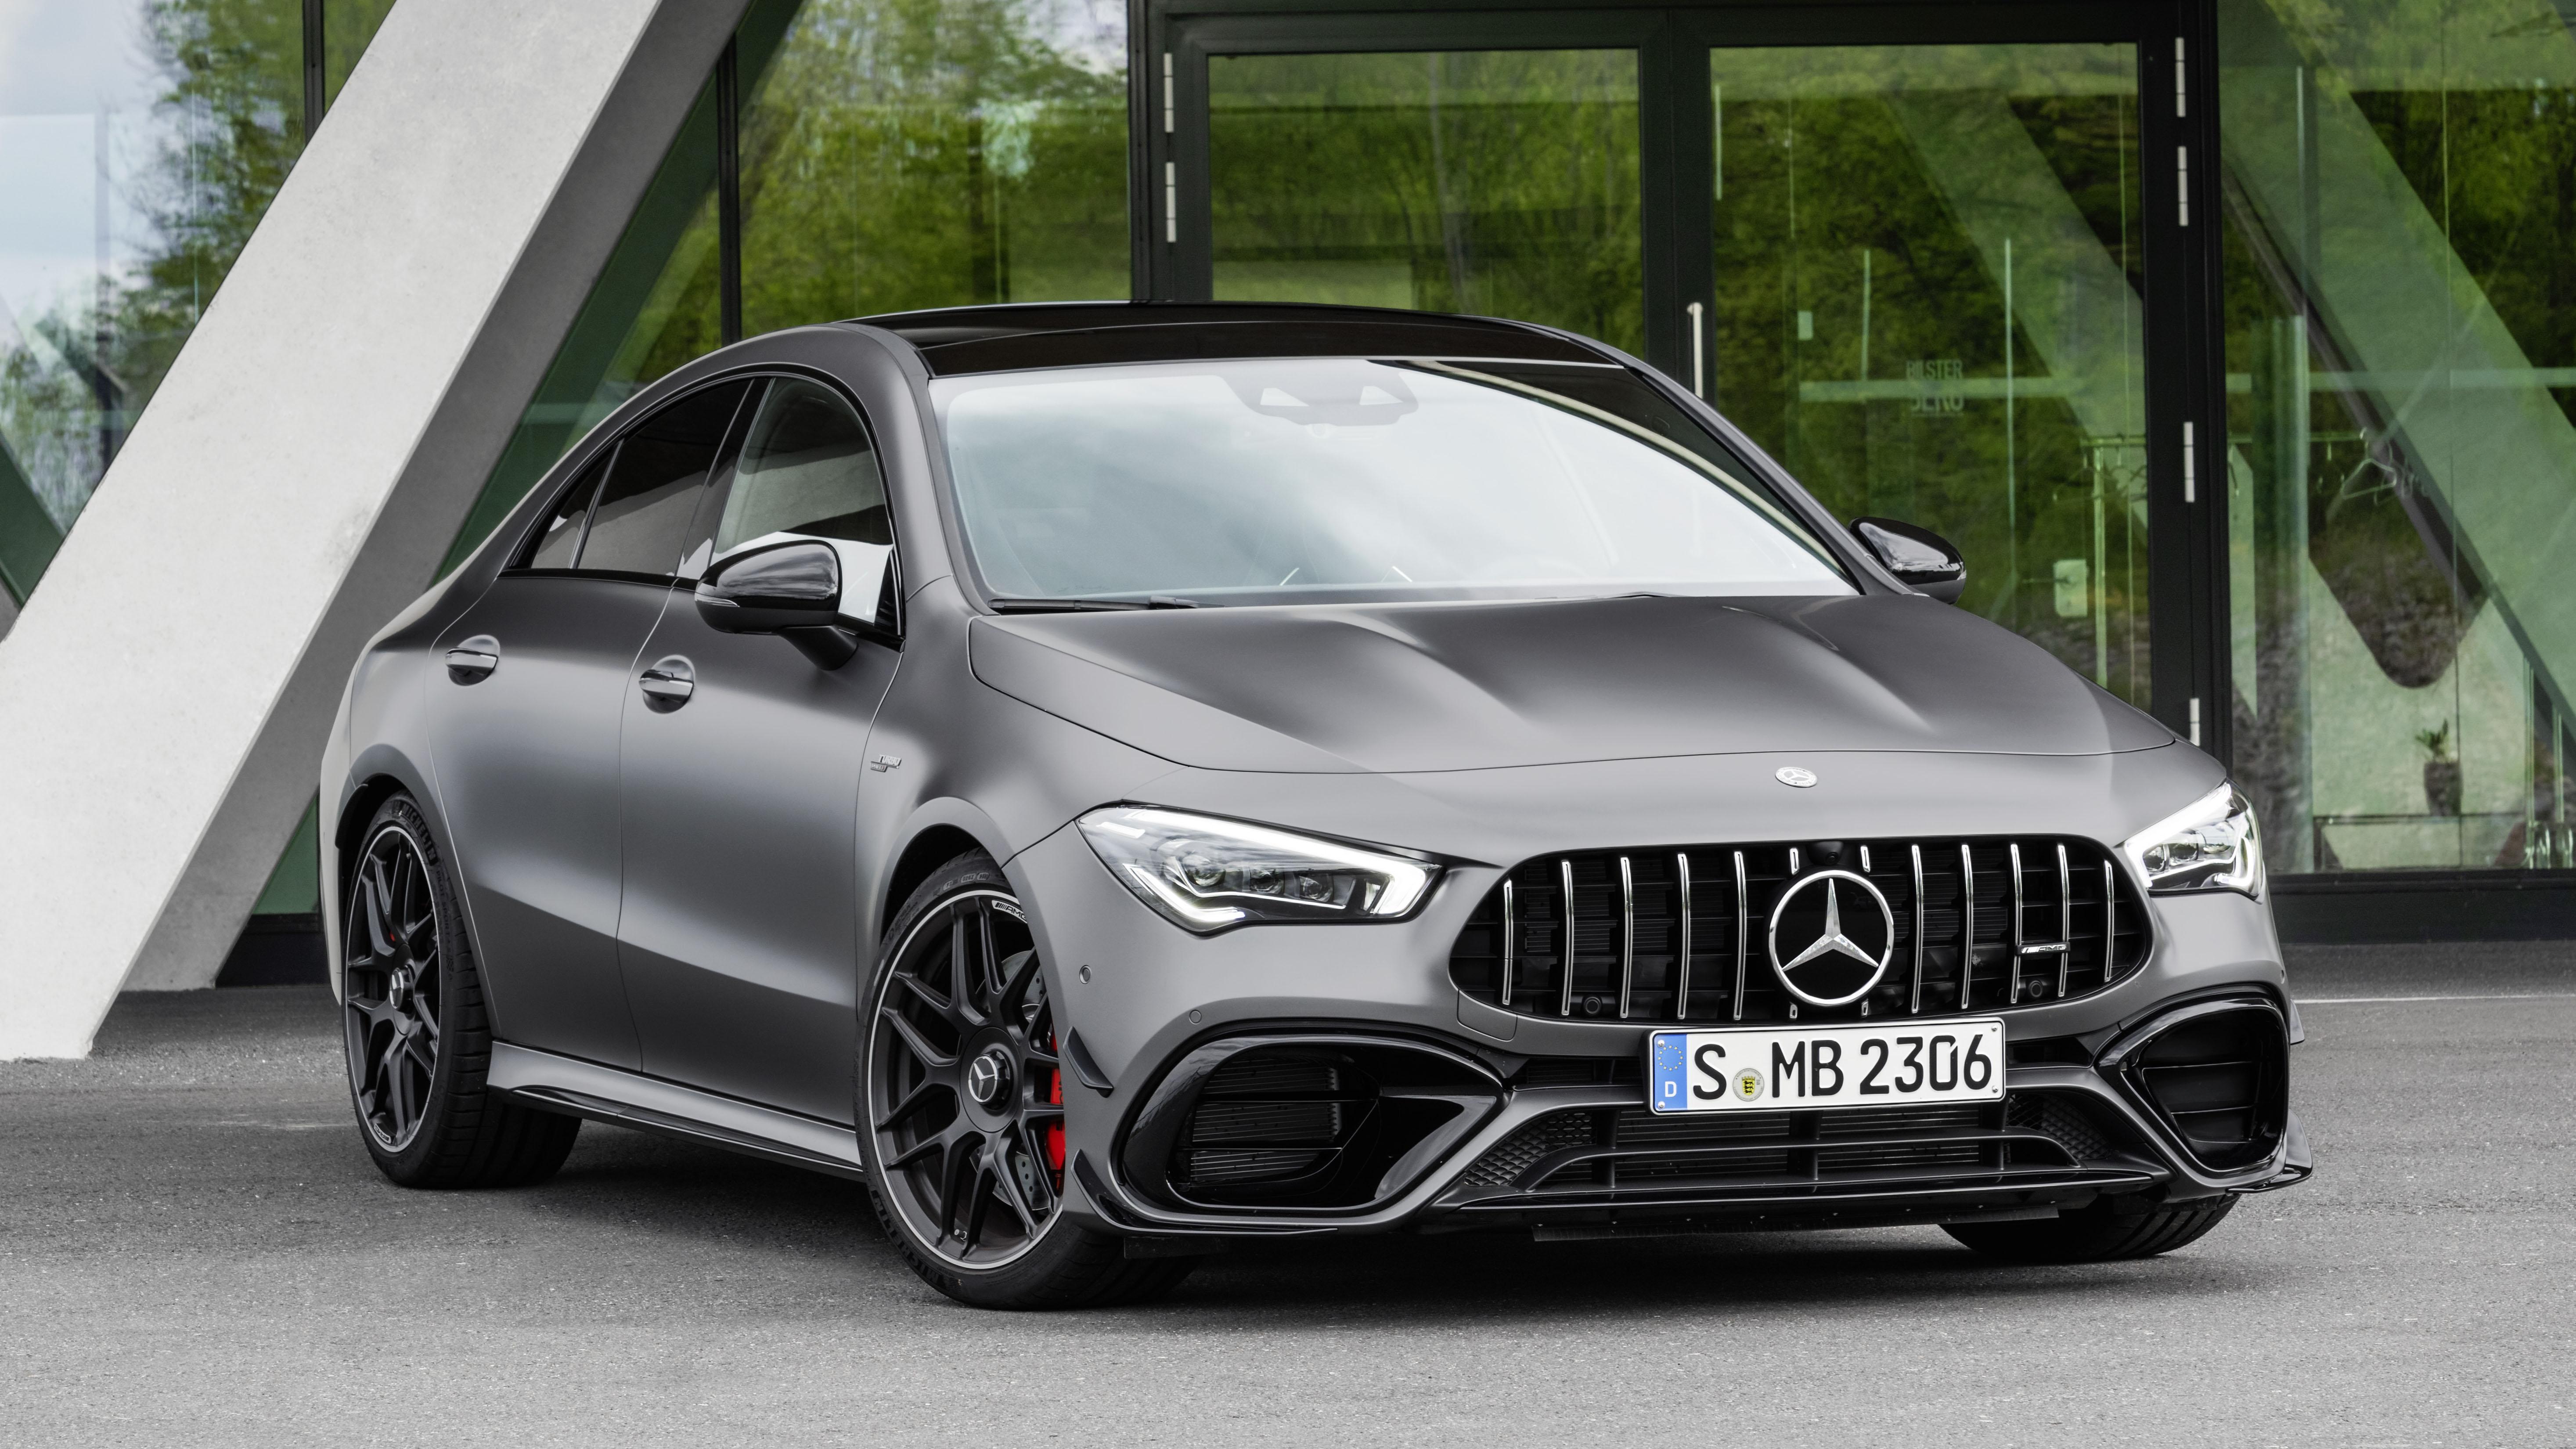 2020 Mercedes-AMG CLA 45 Officially Revealed • neoAdviser